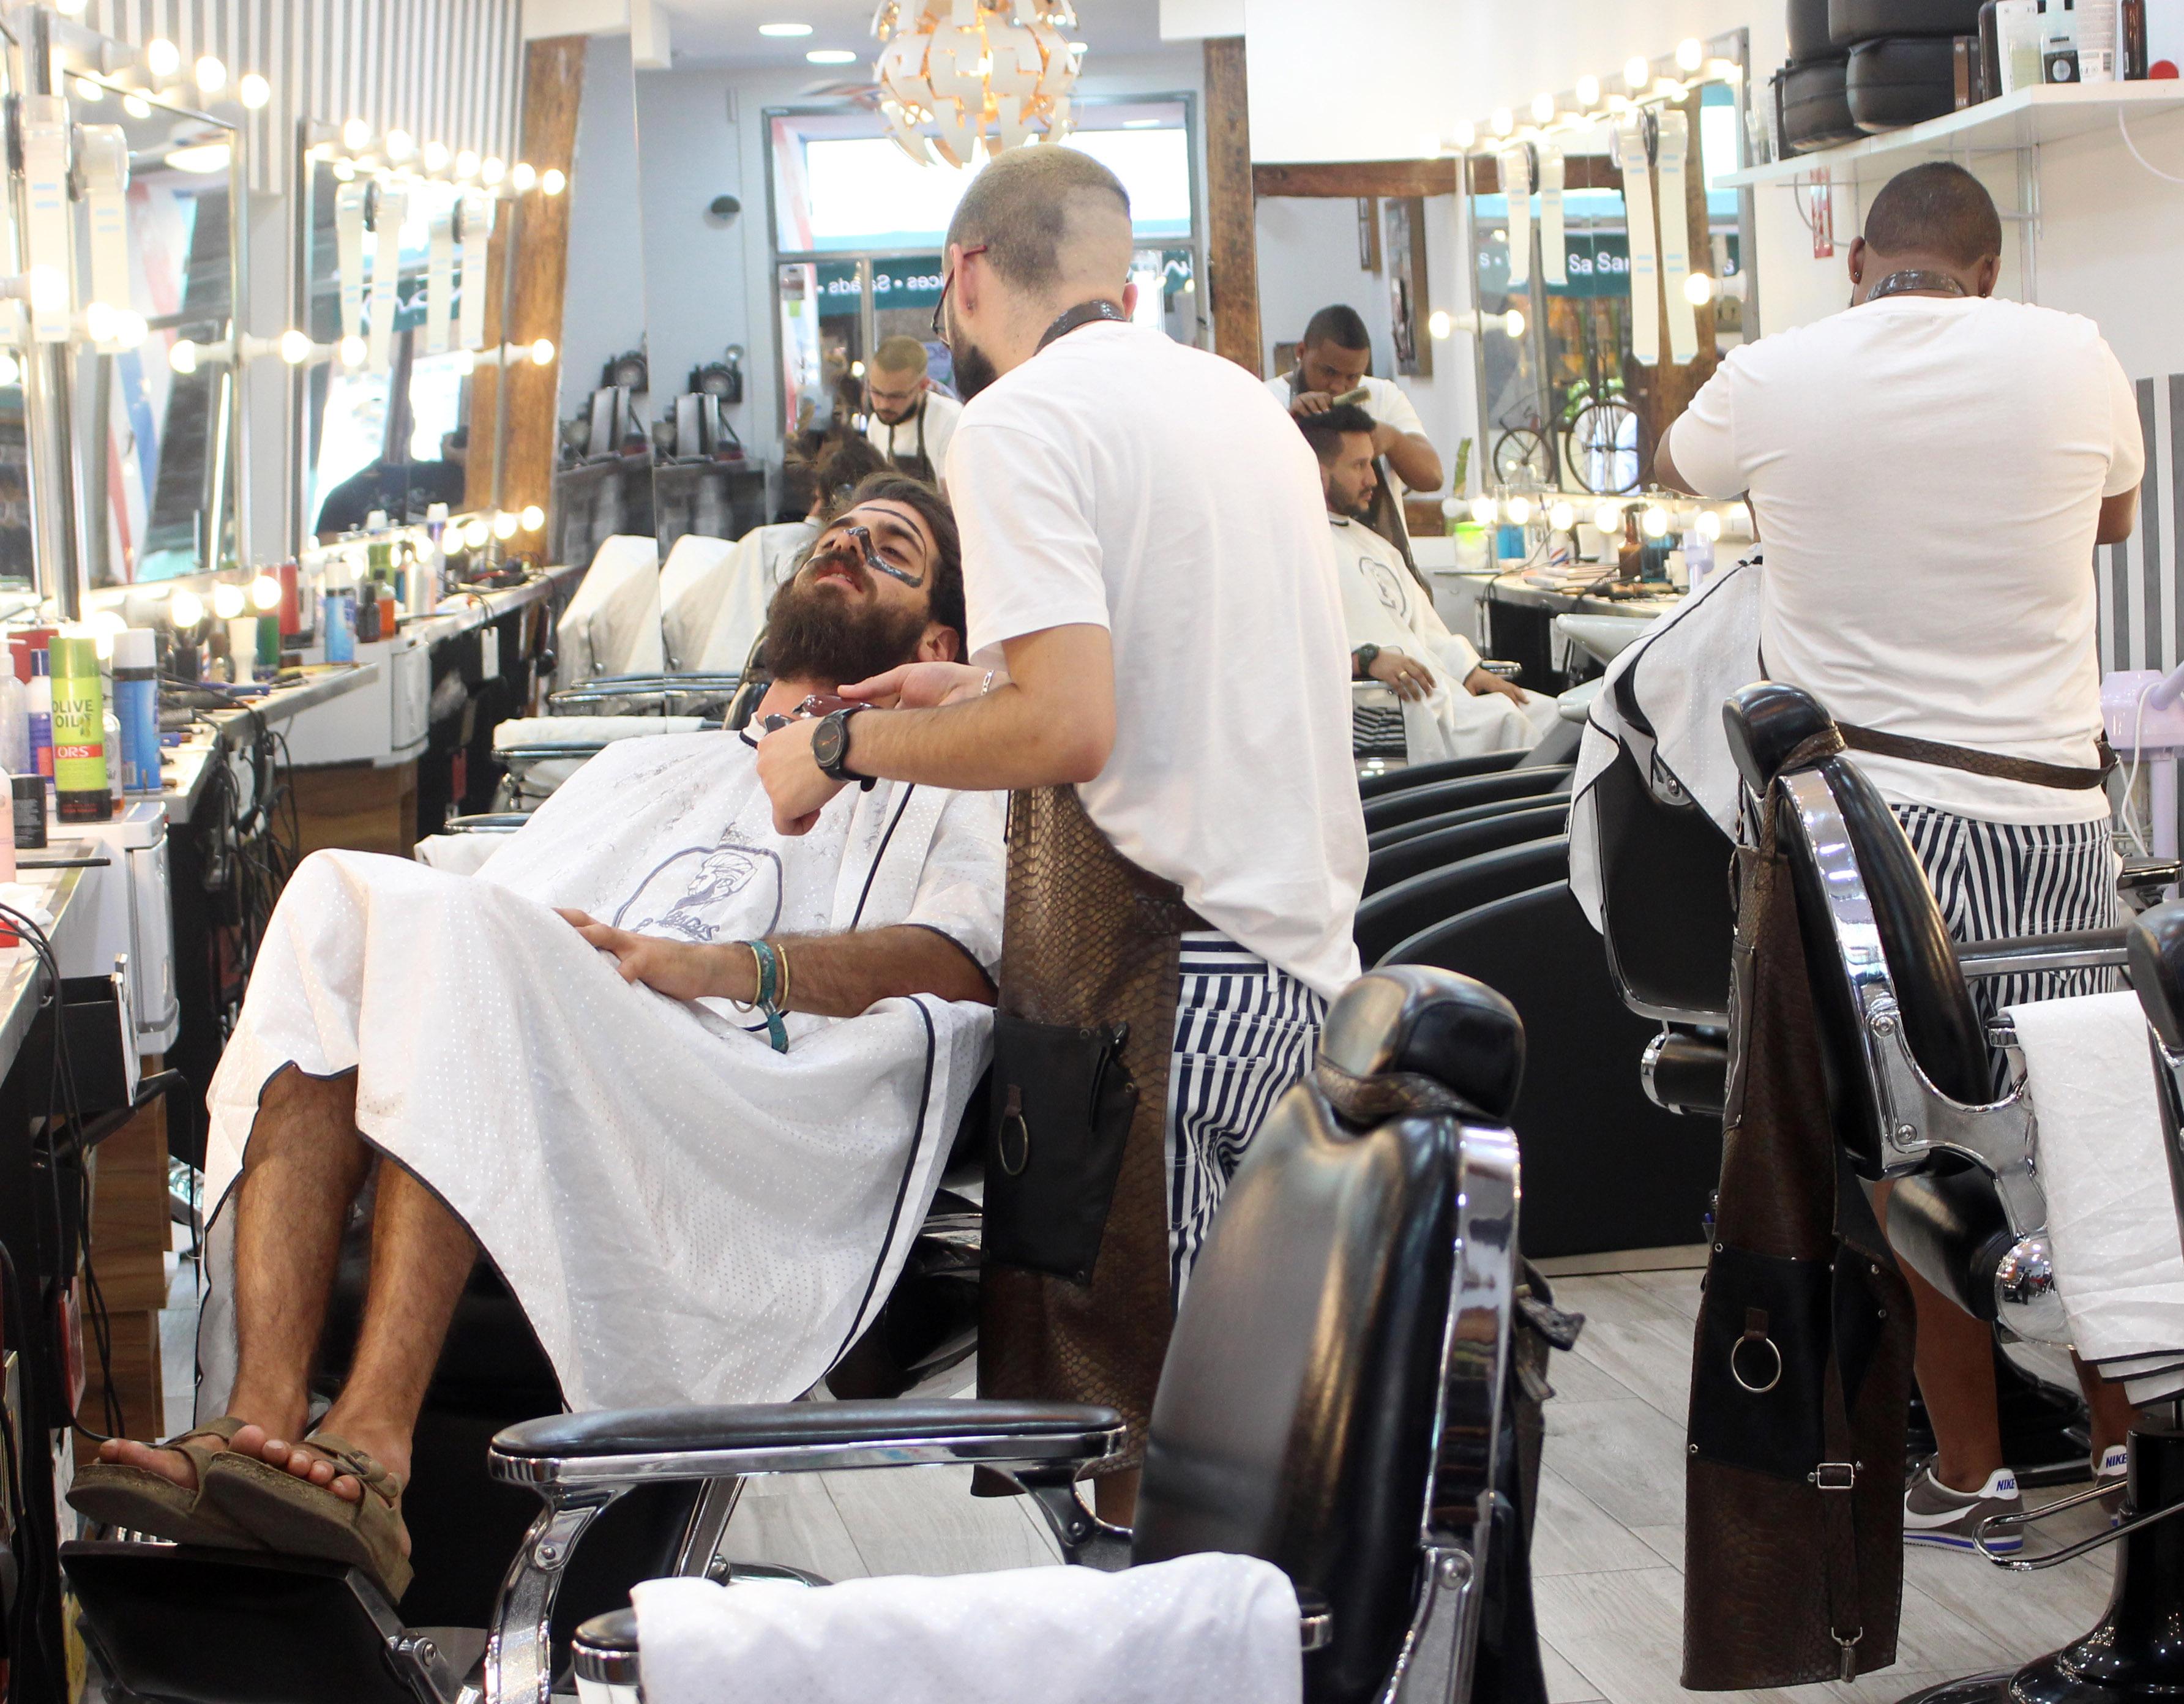 La barbería Barbados también ofrece a sus clientes el servicio de masajes faciales, depilación y maquillaje masculino.